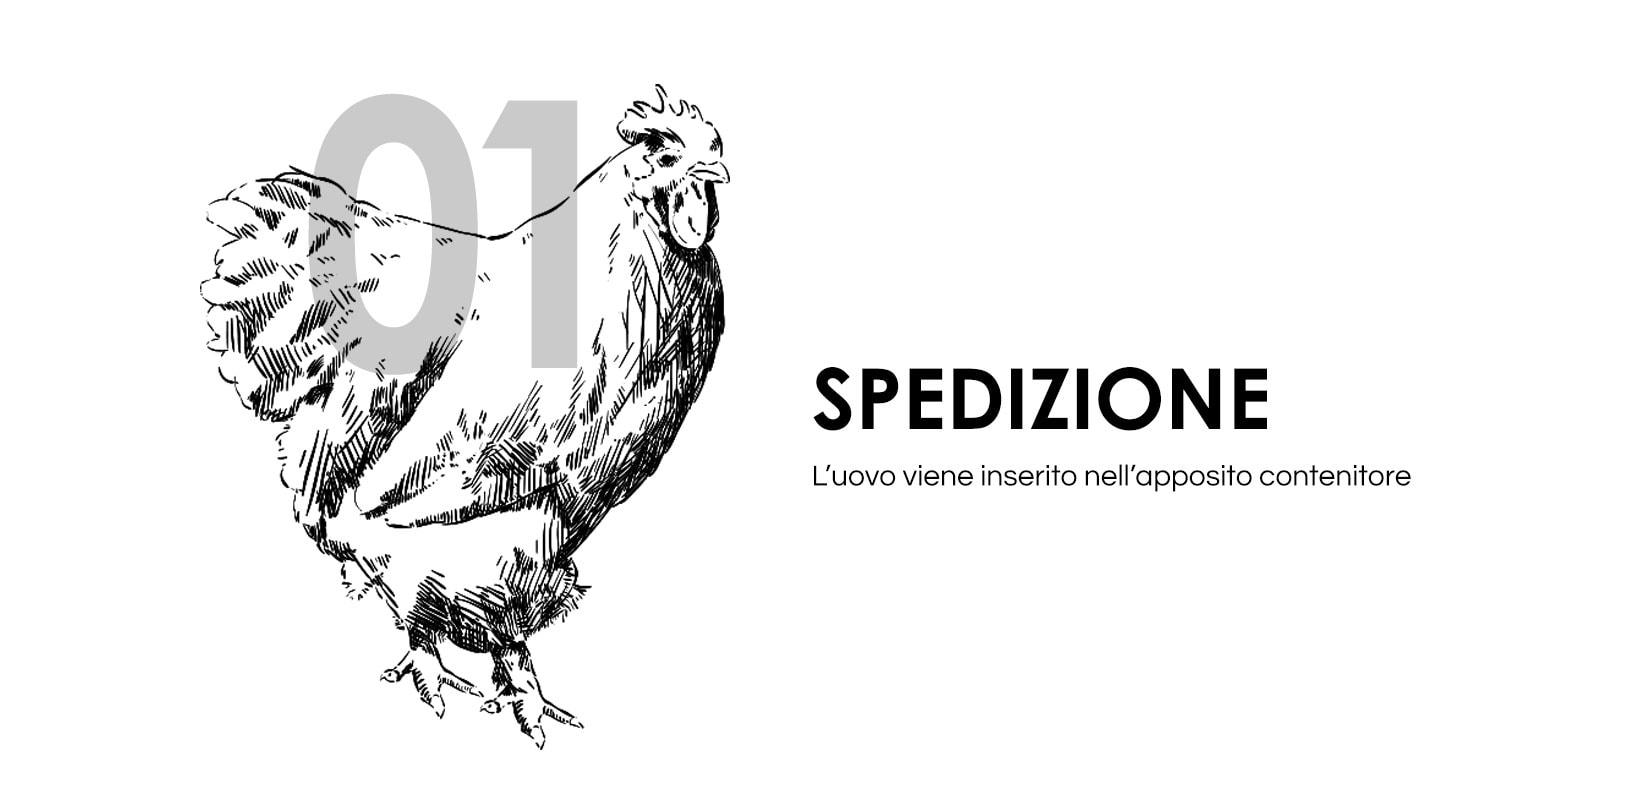 Disegno di una gallina su sfondo bianco